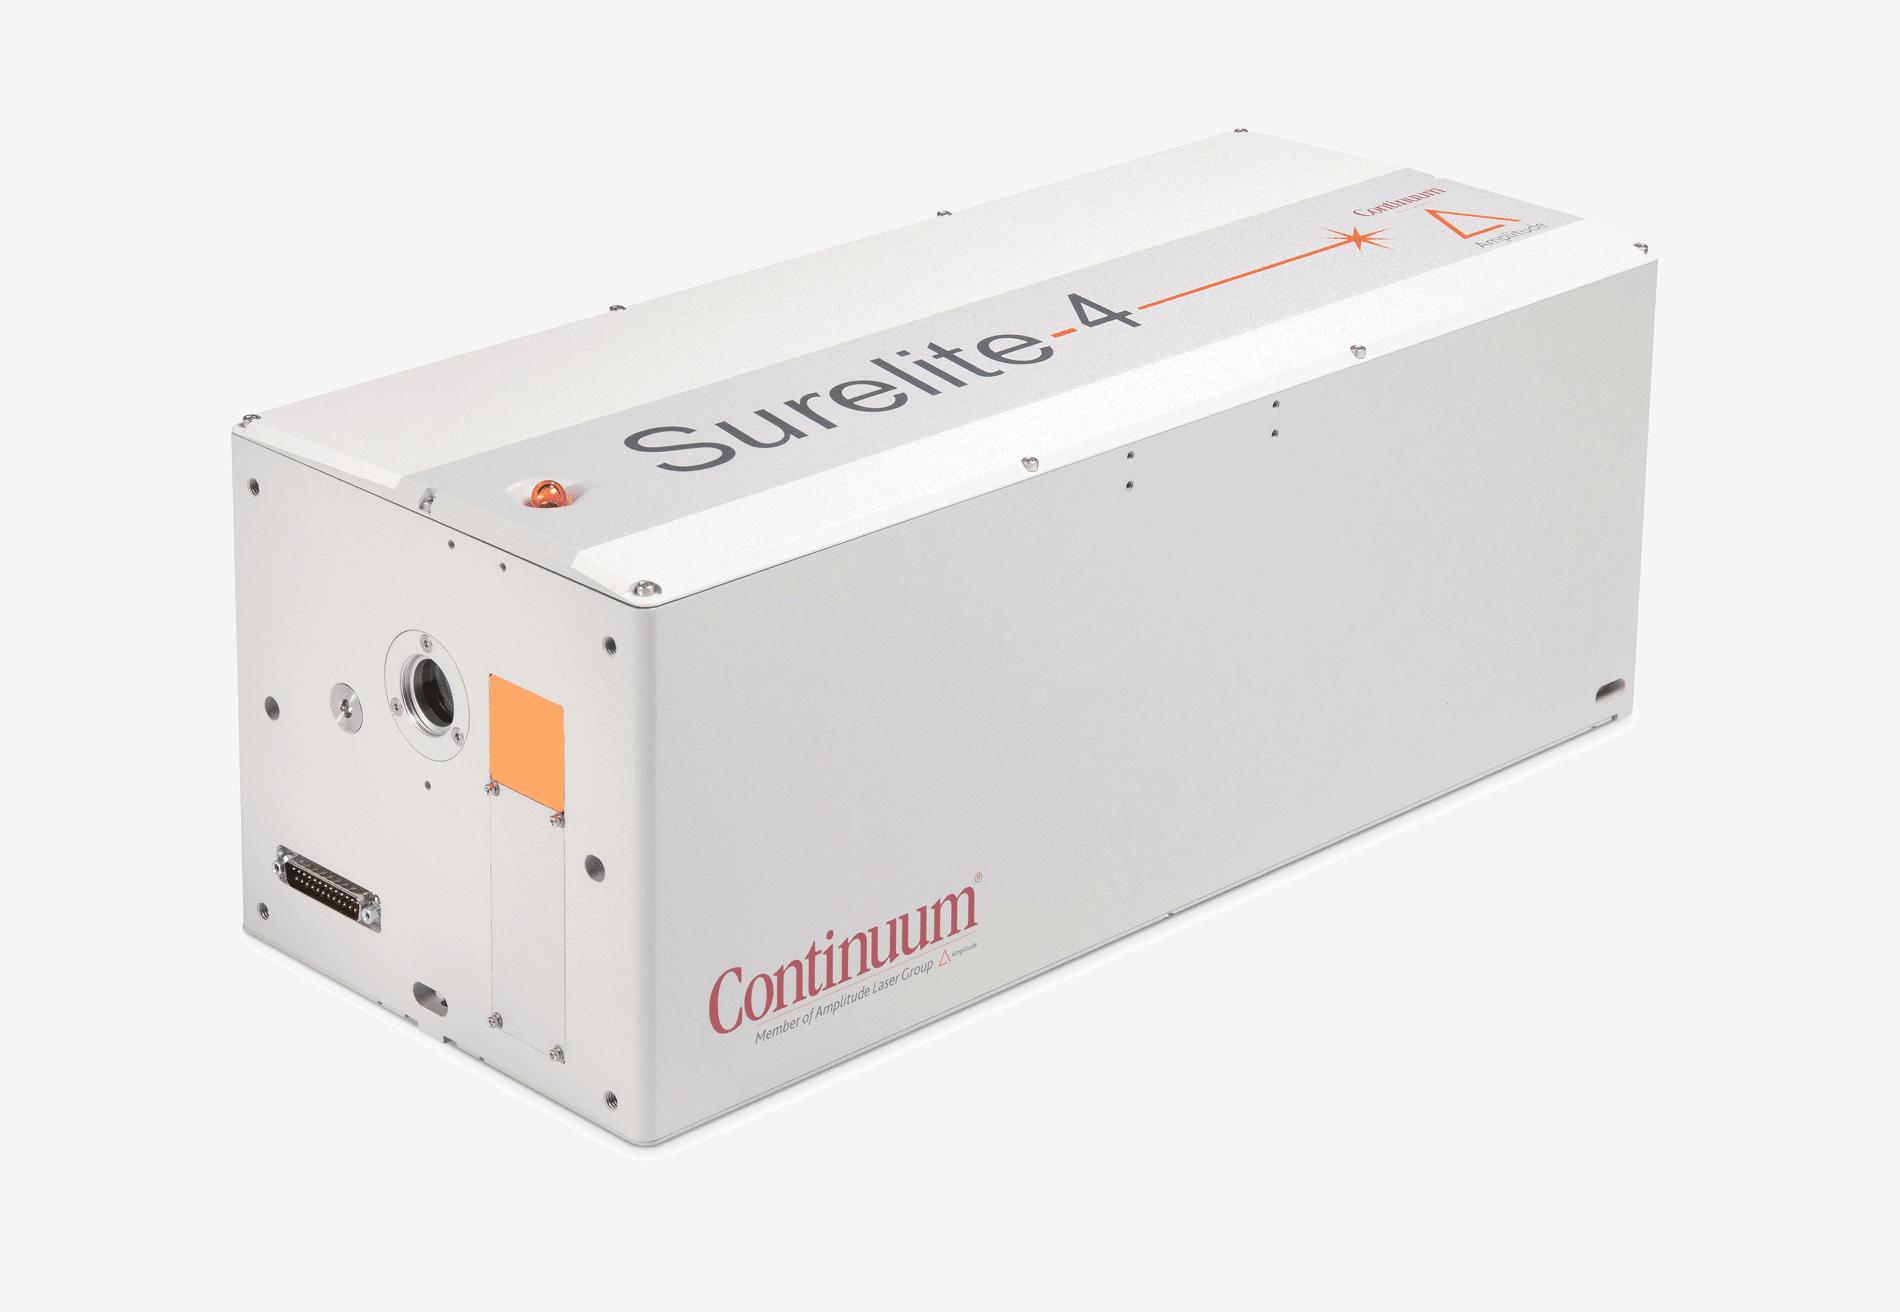 Surelite 4 laser from Continuum